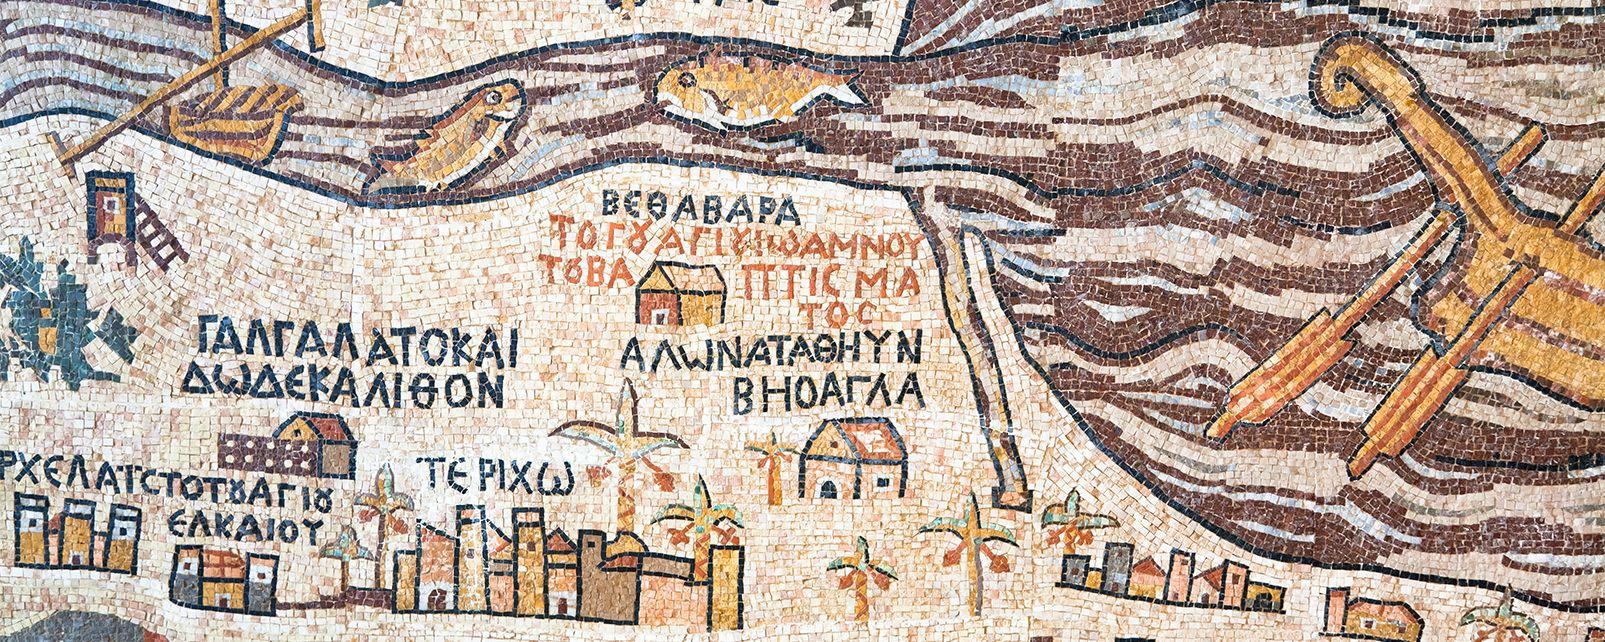 El Mapa de la Tierra Santa, Los mosaicos bizantinos, Arte y cultura, Jordania